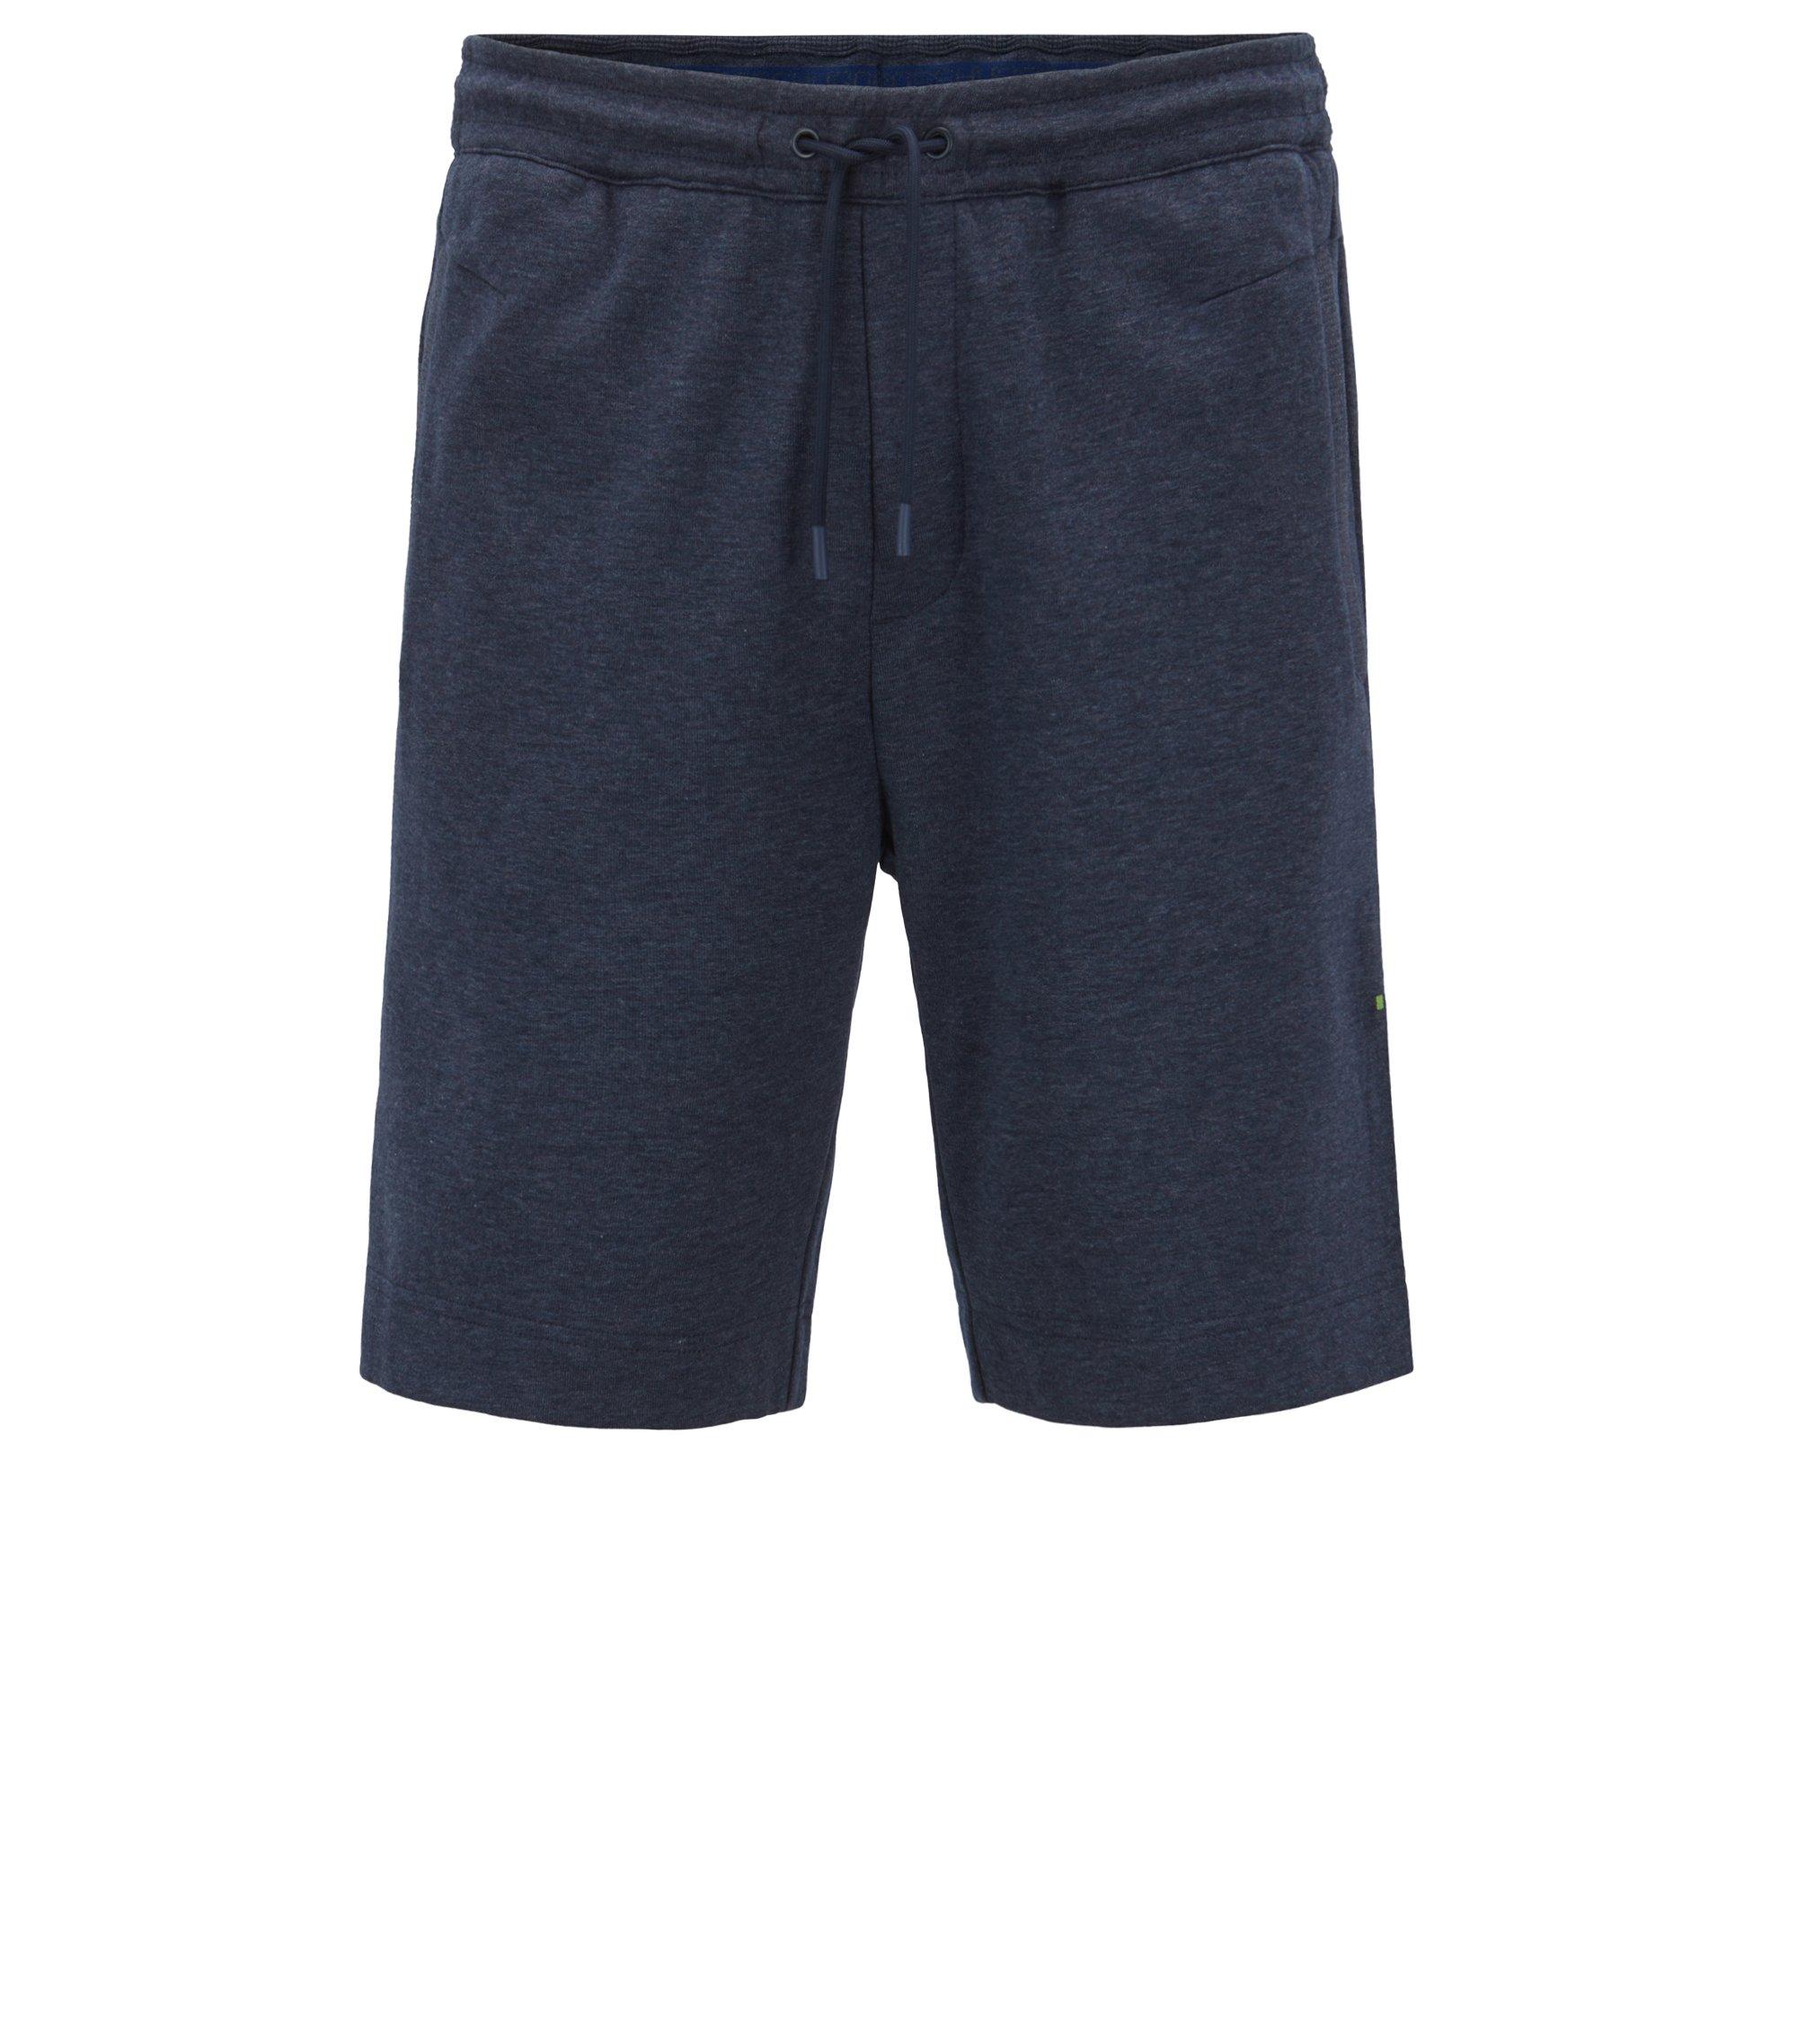 Short Slim Fit en coton mélangé à logo brodé bicolore, Bleu foncé